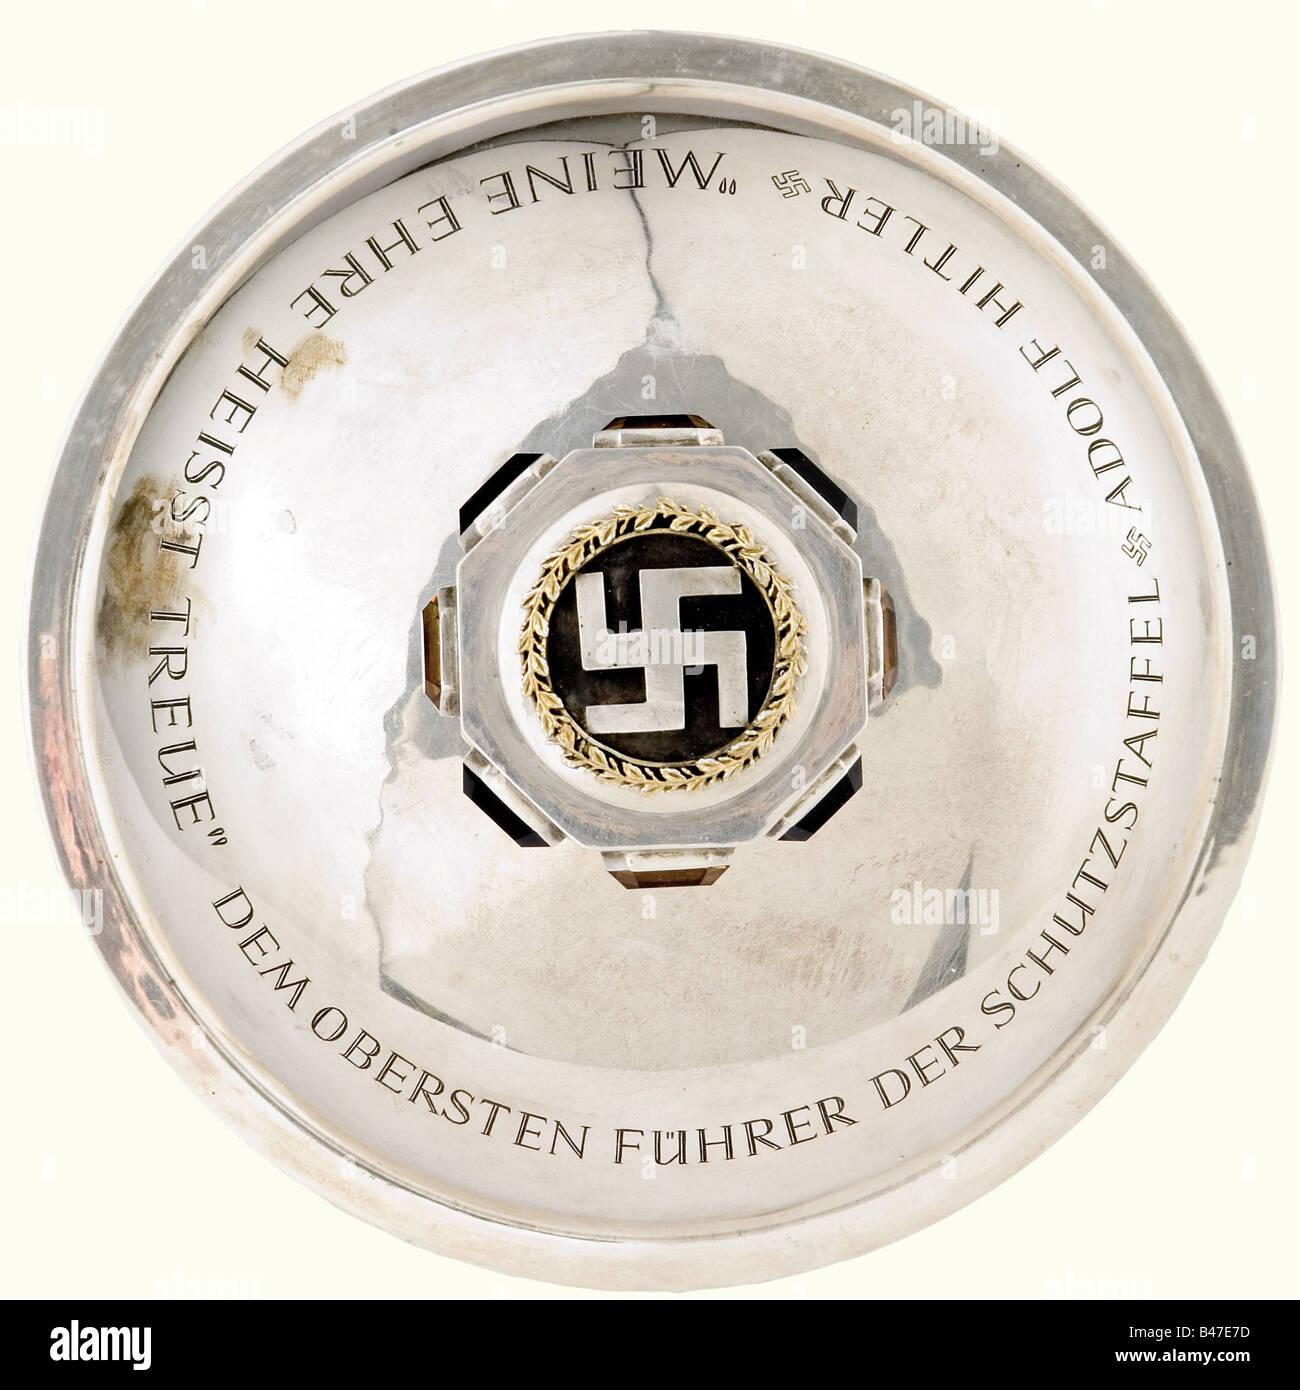 Adolf Hitler - un calice d'argento., presentata dalla SS-principale scuola di equitazione a Monaco di Hitler Immagini Stock